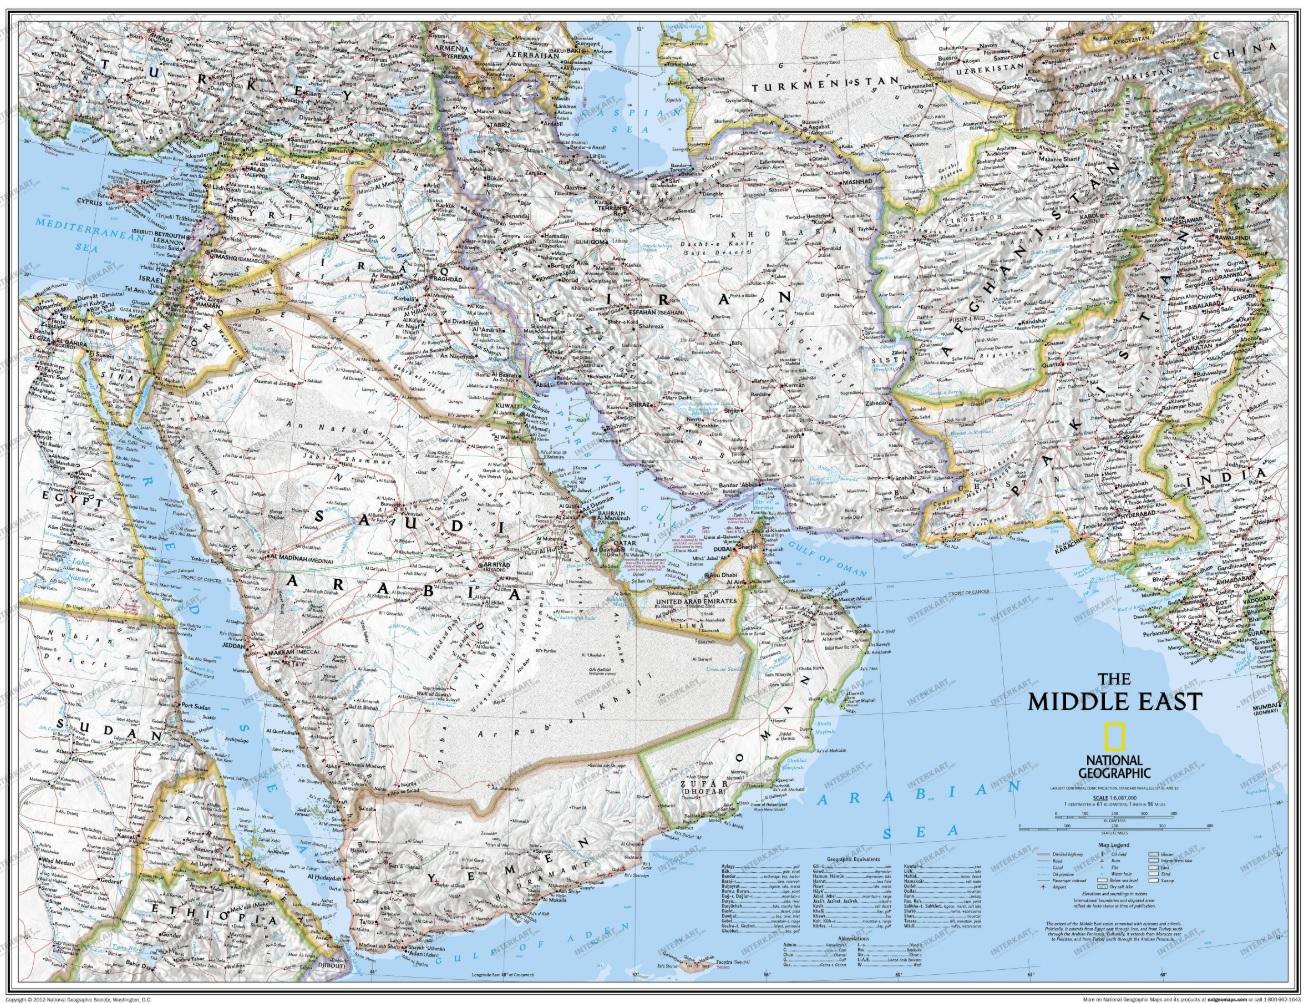 Wandkaart Midden-Oosten | National Geographic Wall Map 9780792281146  National Geographic NG planokaarten  Wandkaarten Midden-Oosten